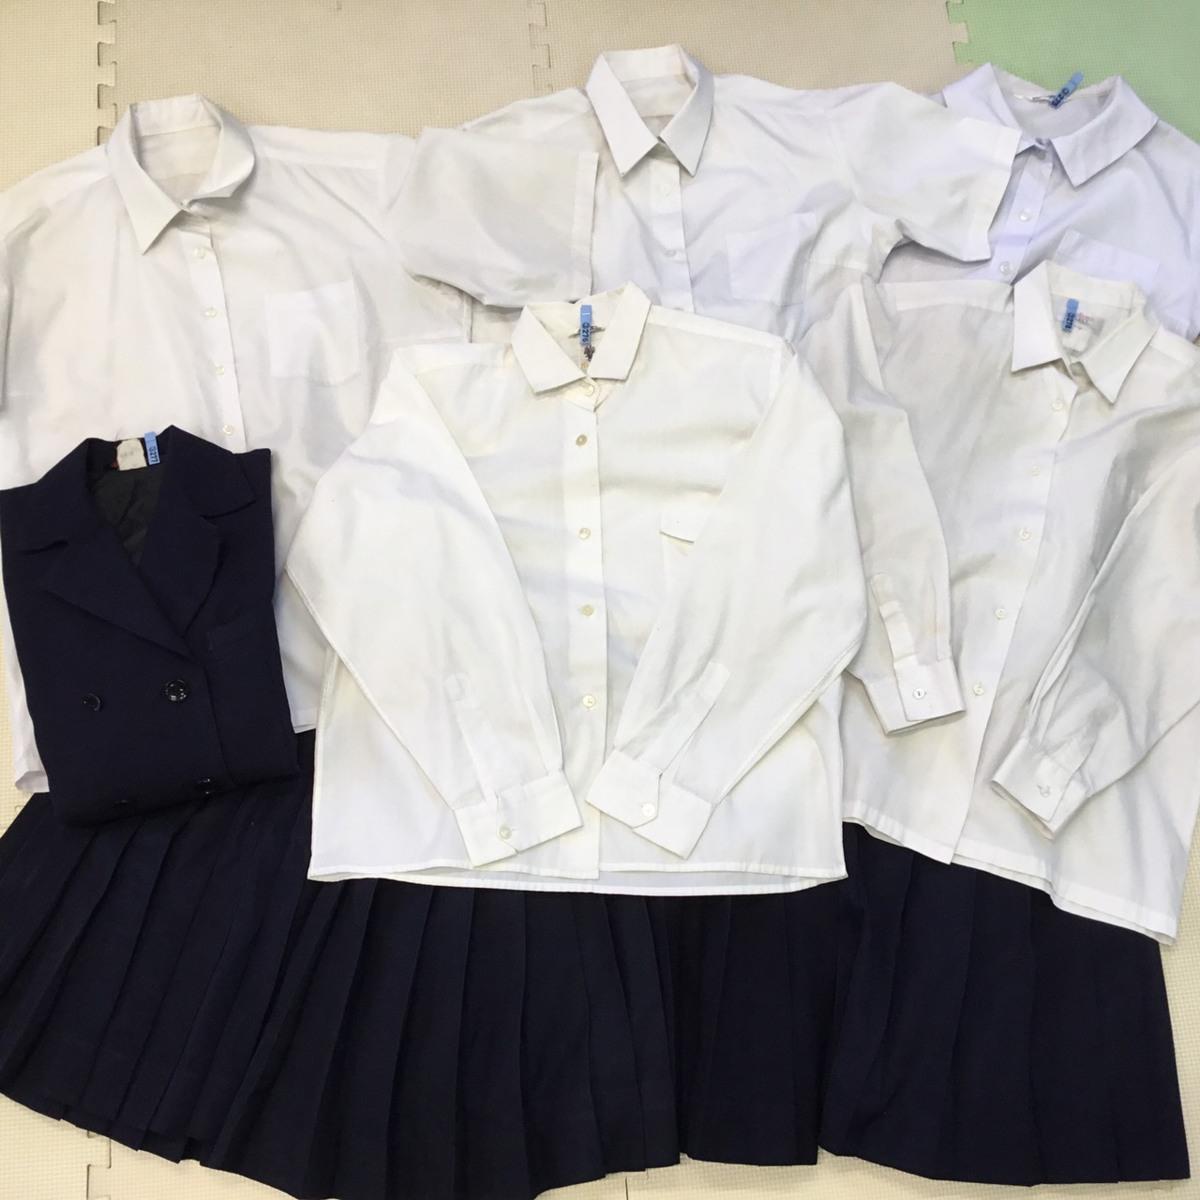 K278 (中古) 学生服 10枚セット /M/160/170/W62/W63/W66/半袖/長袖/ブラウス/ブレザー/スカート/制服/中学校/高校/女子学生/学生/学生服_画像1